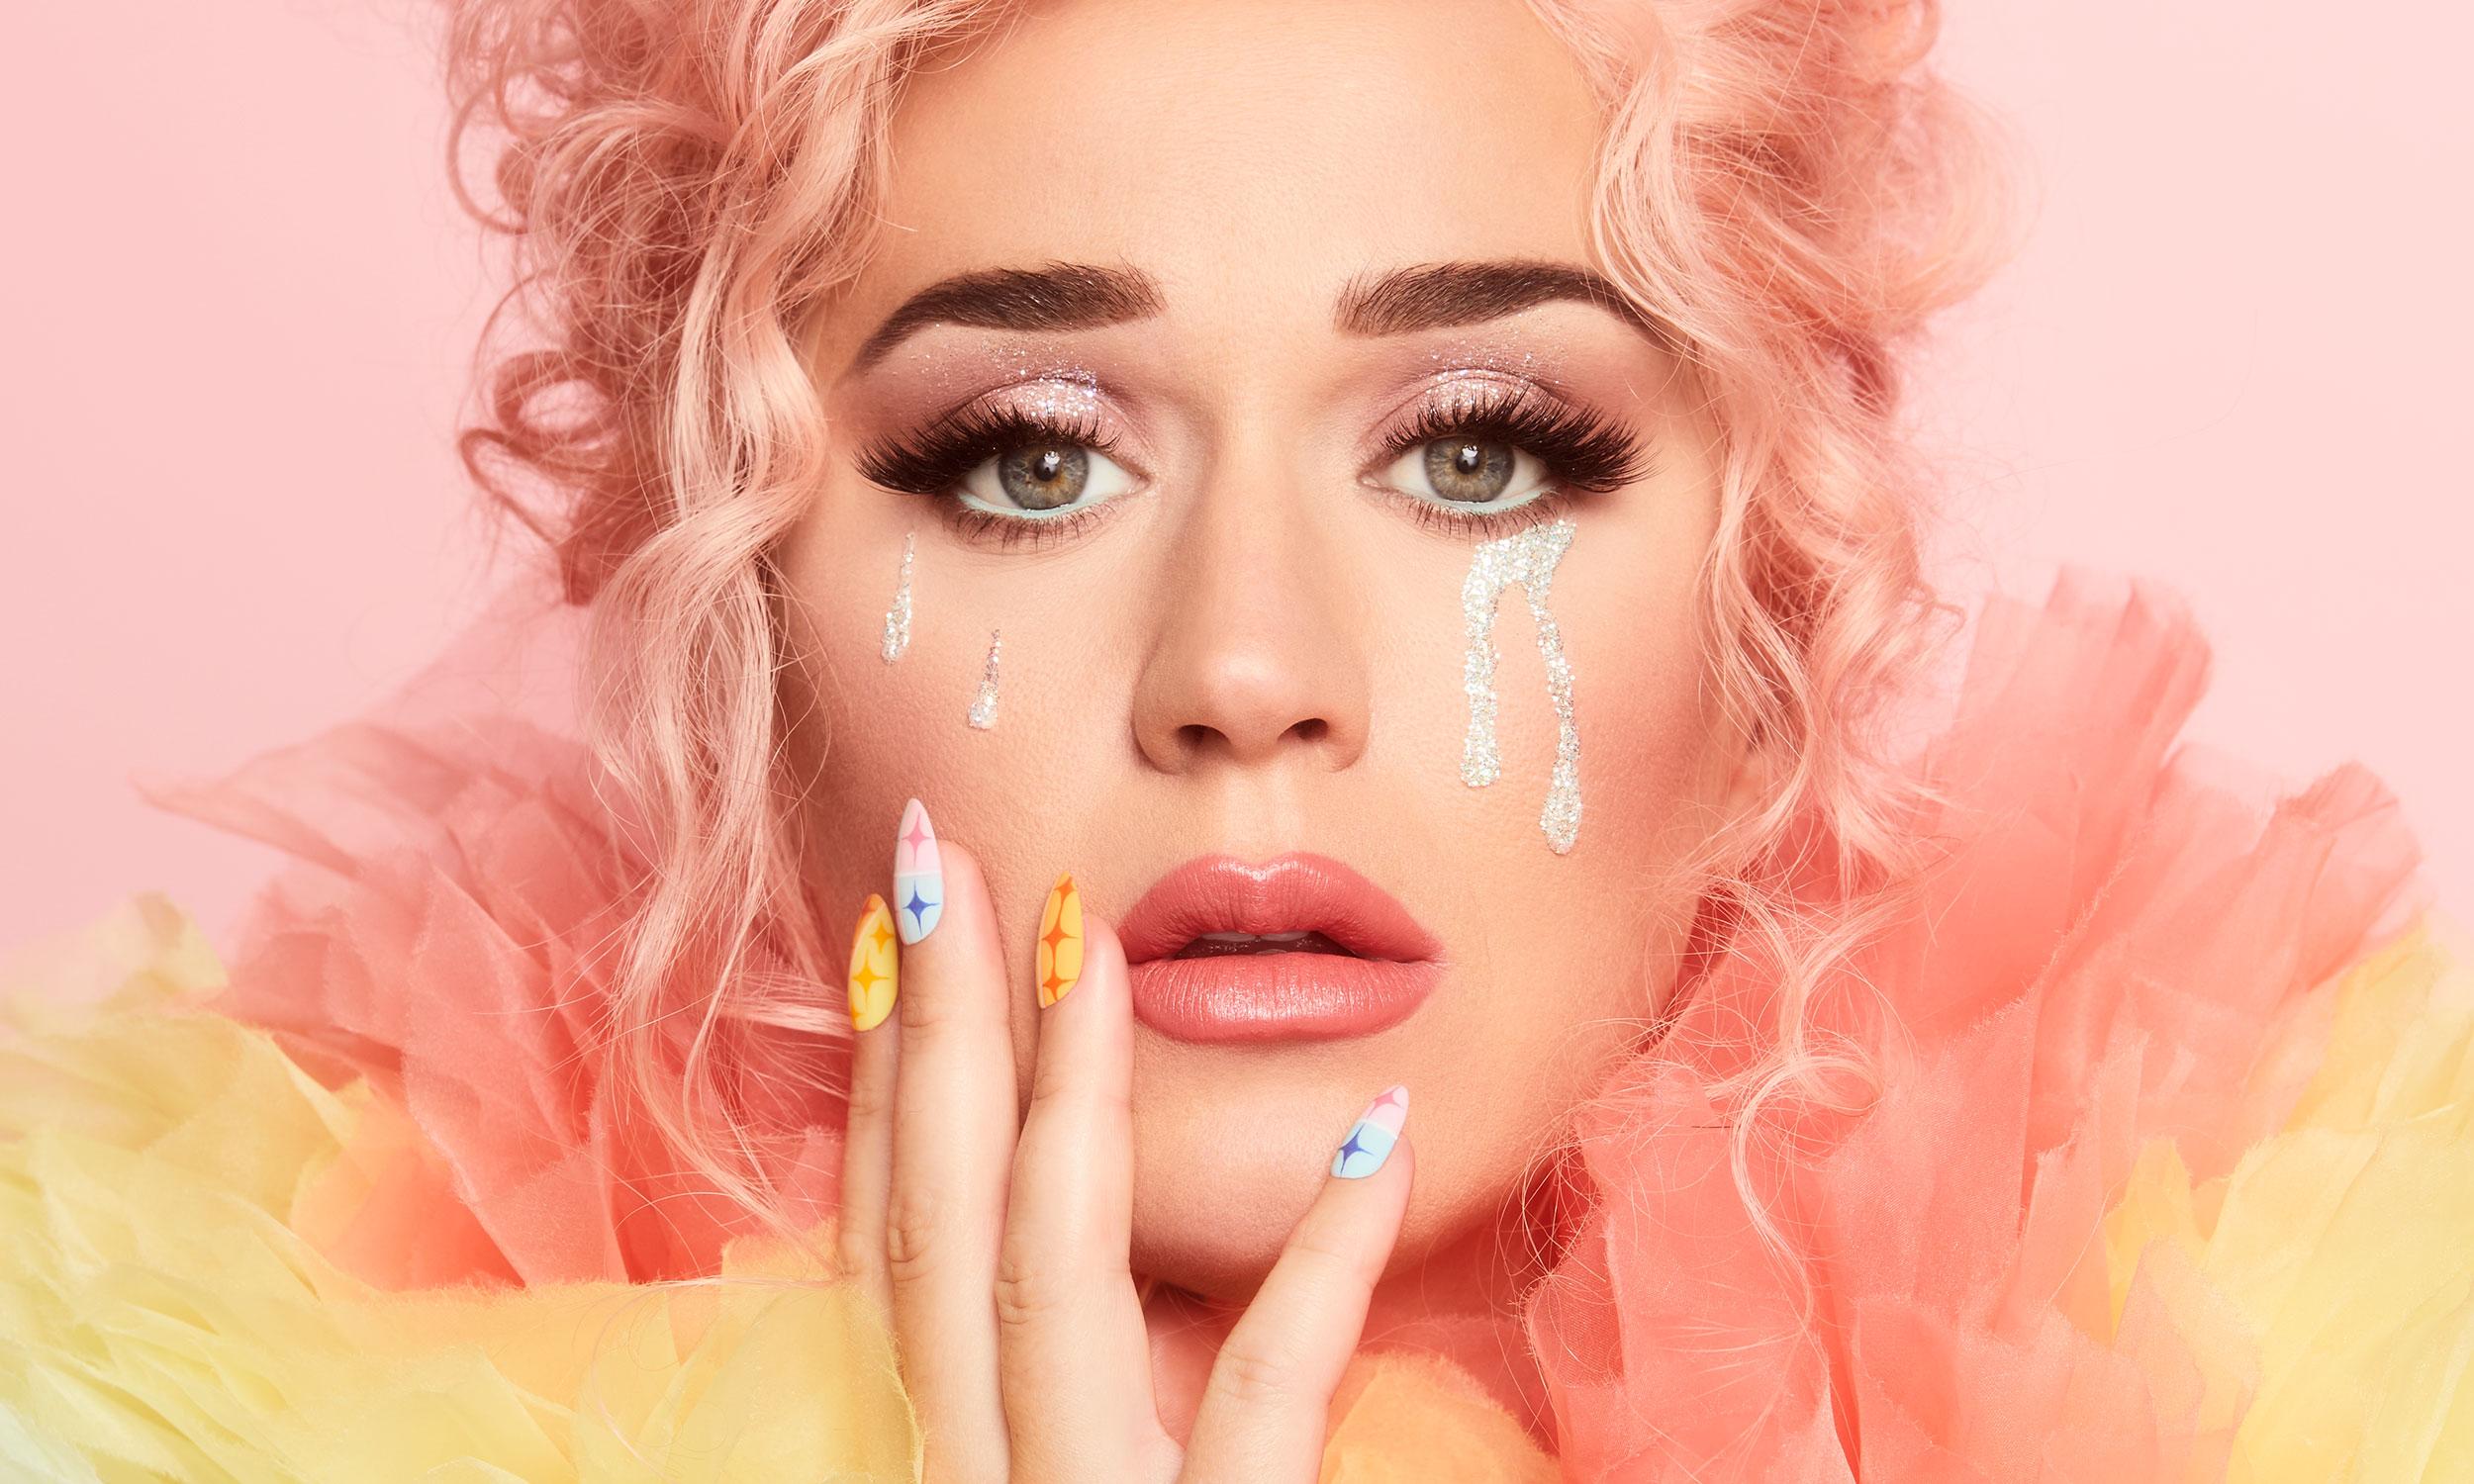 Katy Perry, Smile